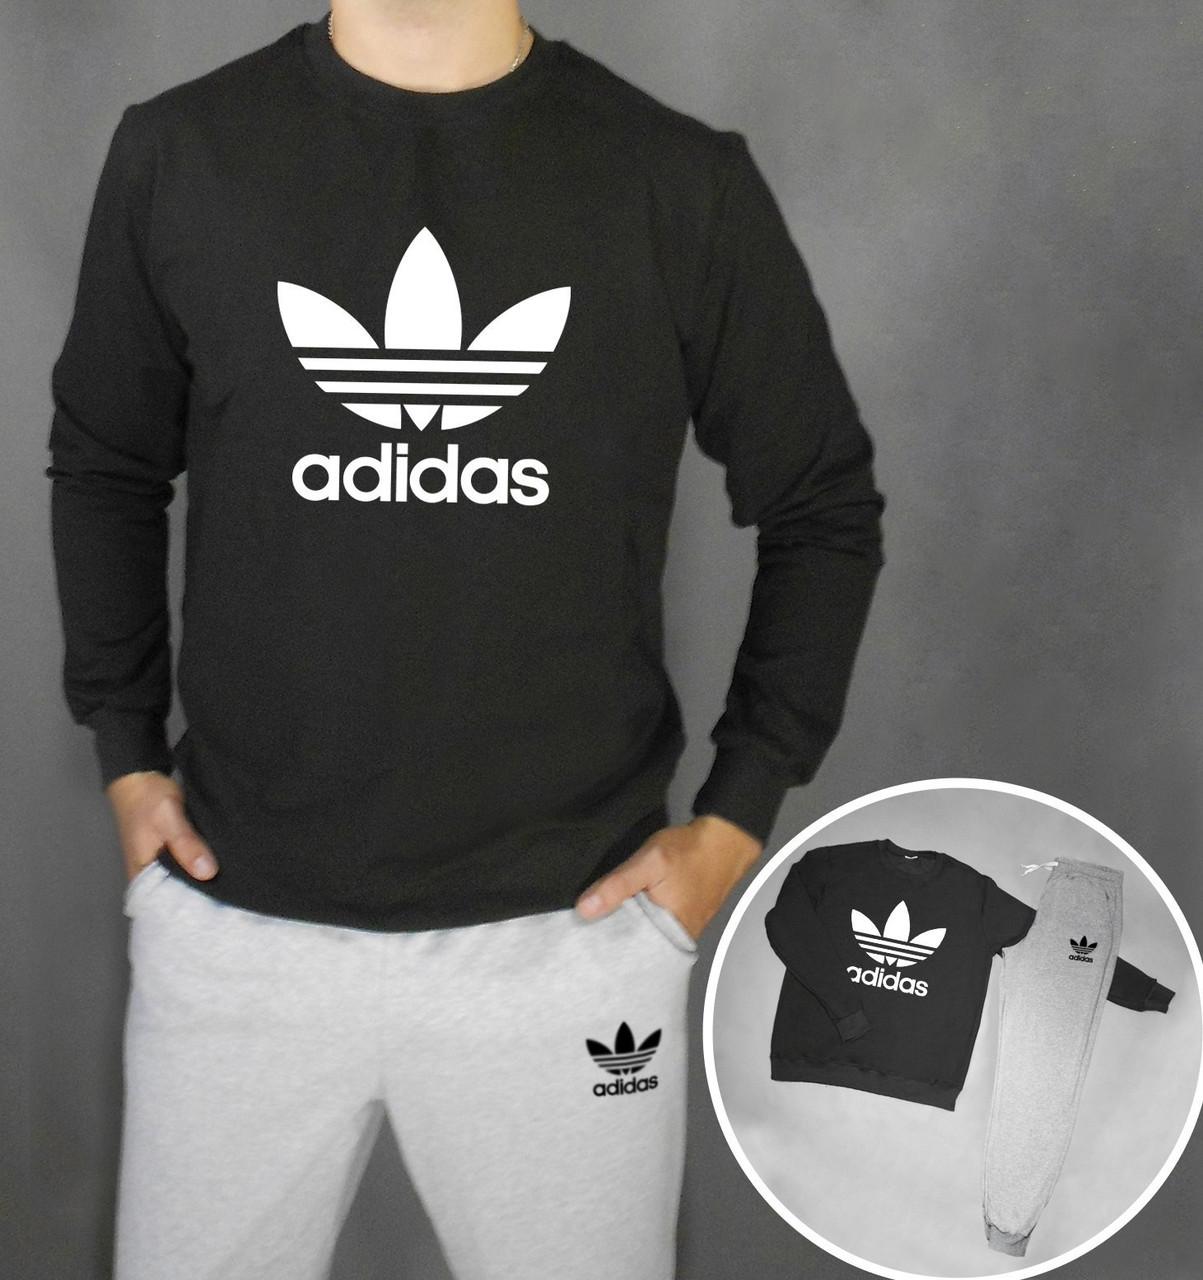 6d3015a1e8be Спортивный костюм Adidas черно-серый топ реплика - Интернет-магазин обуви и  одежды KedON